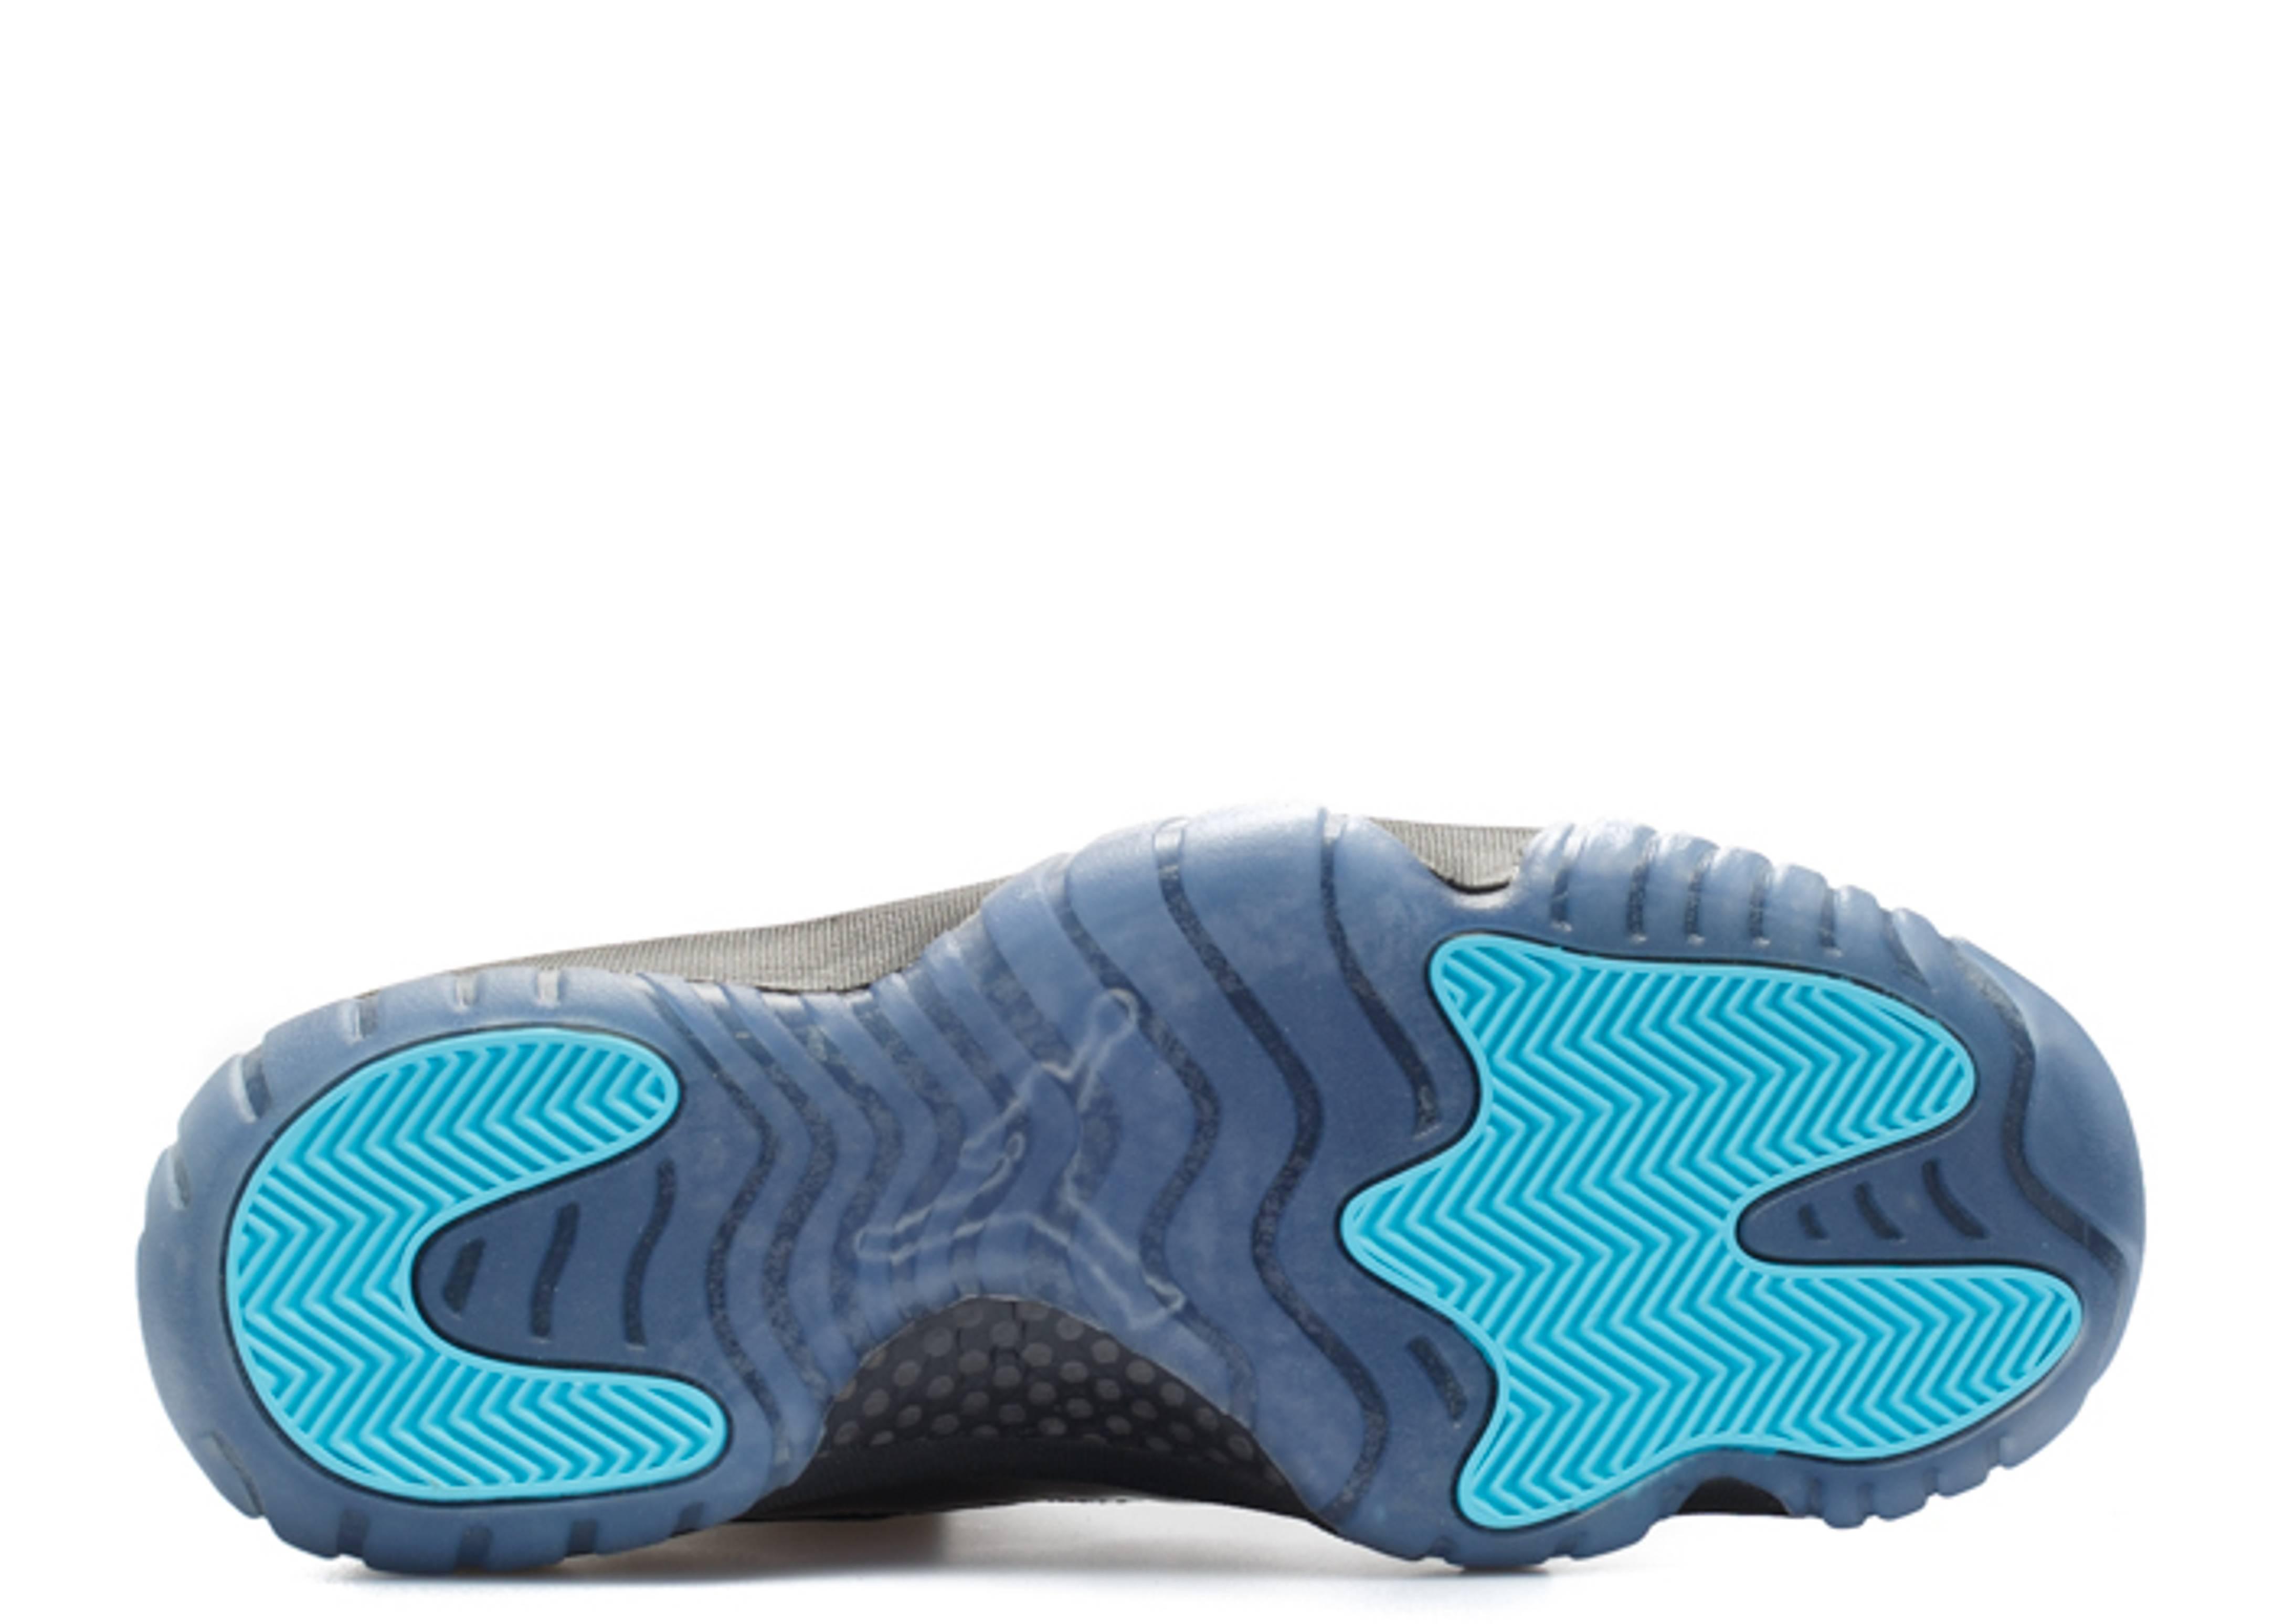 Jordan Gamma Blue